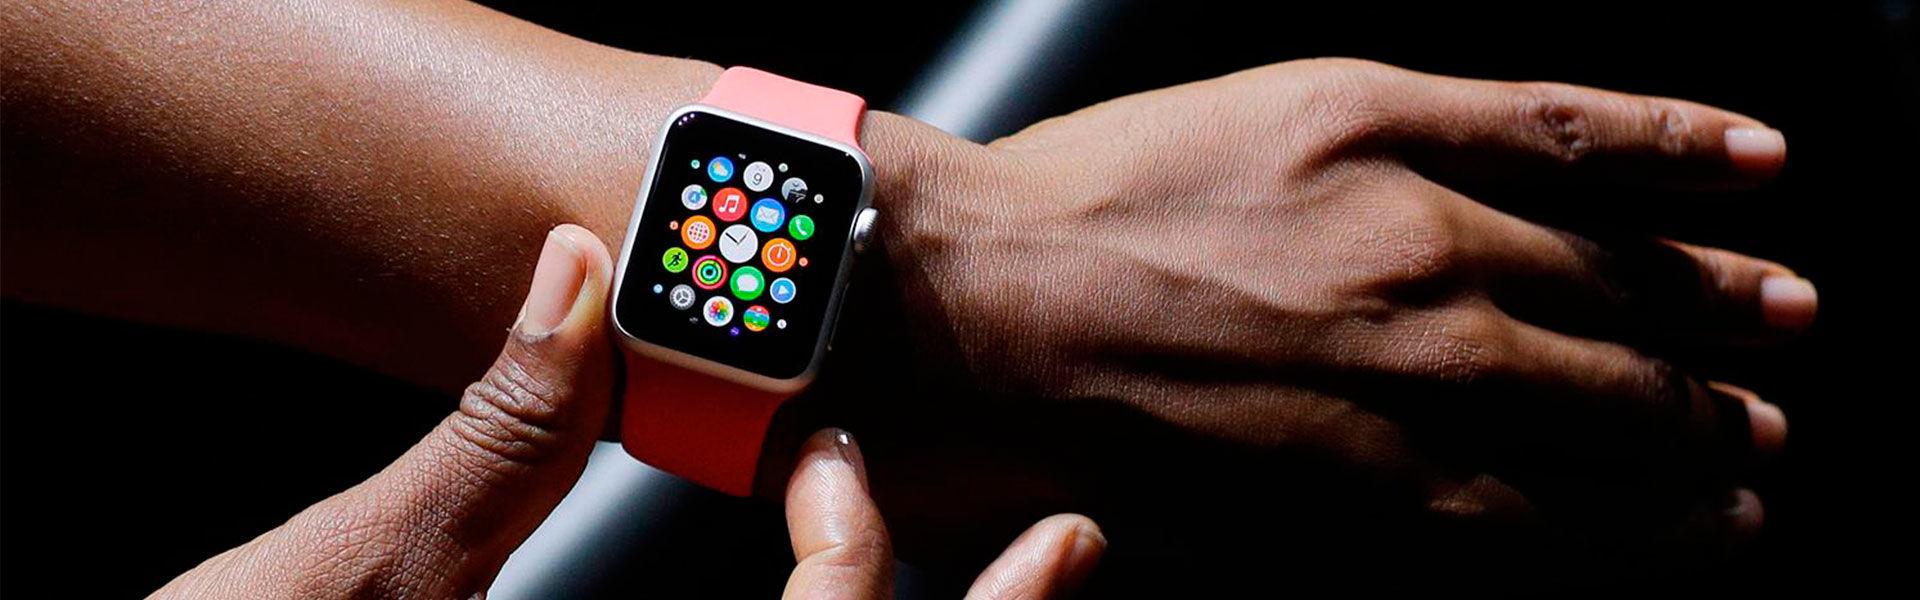 applewatchkatalog